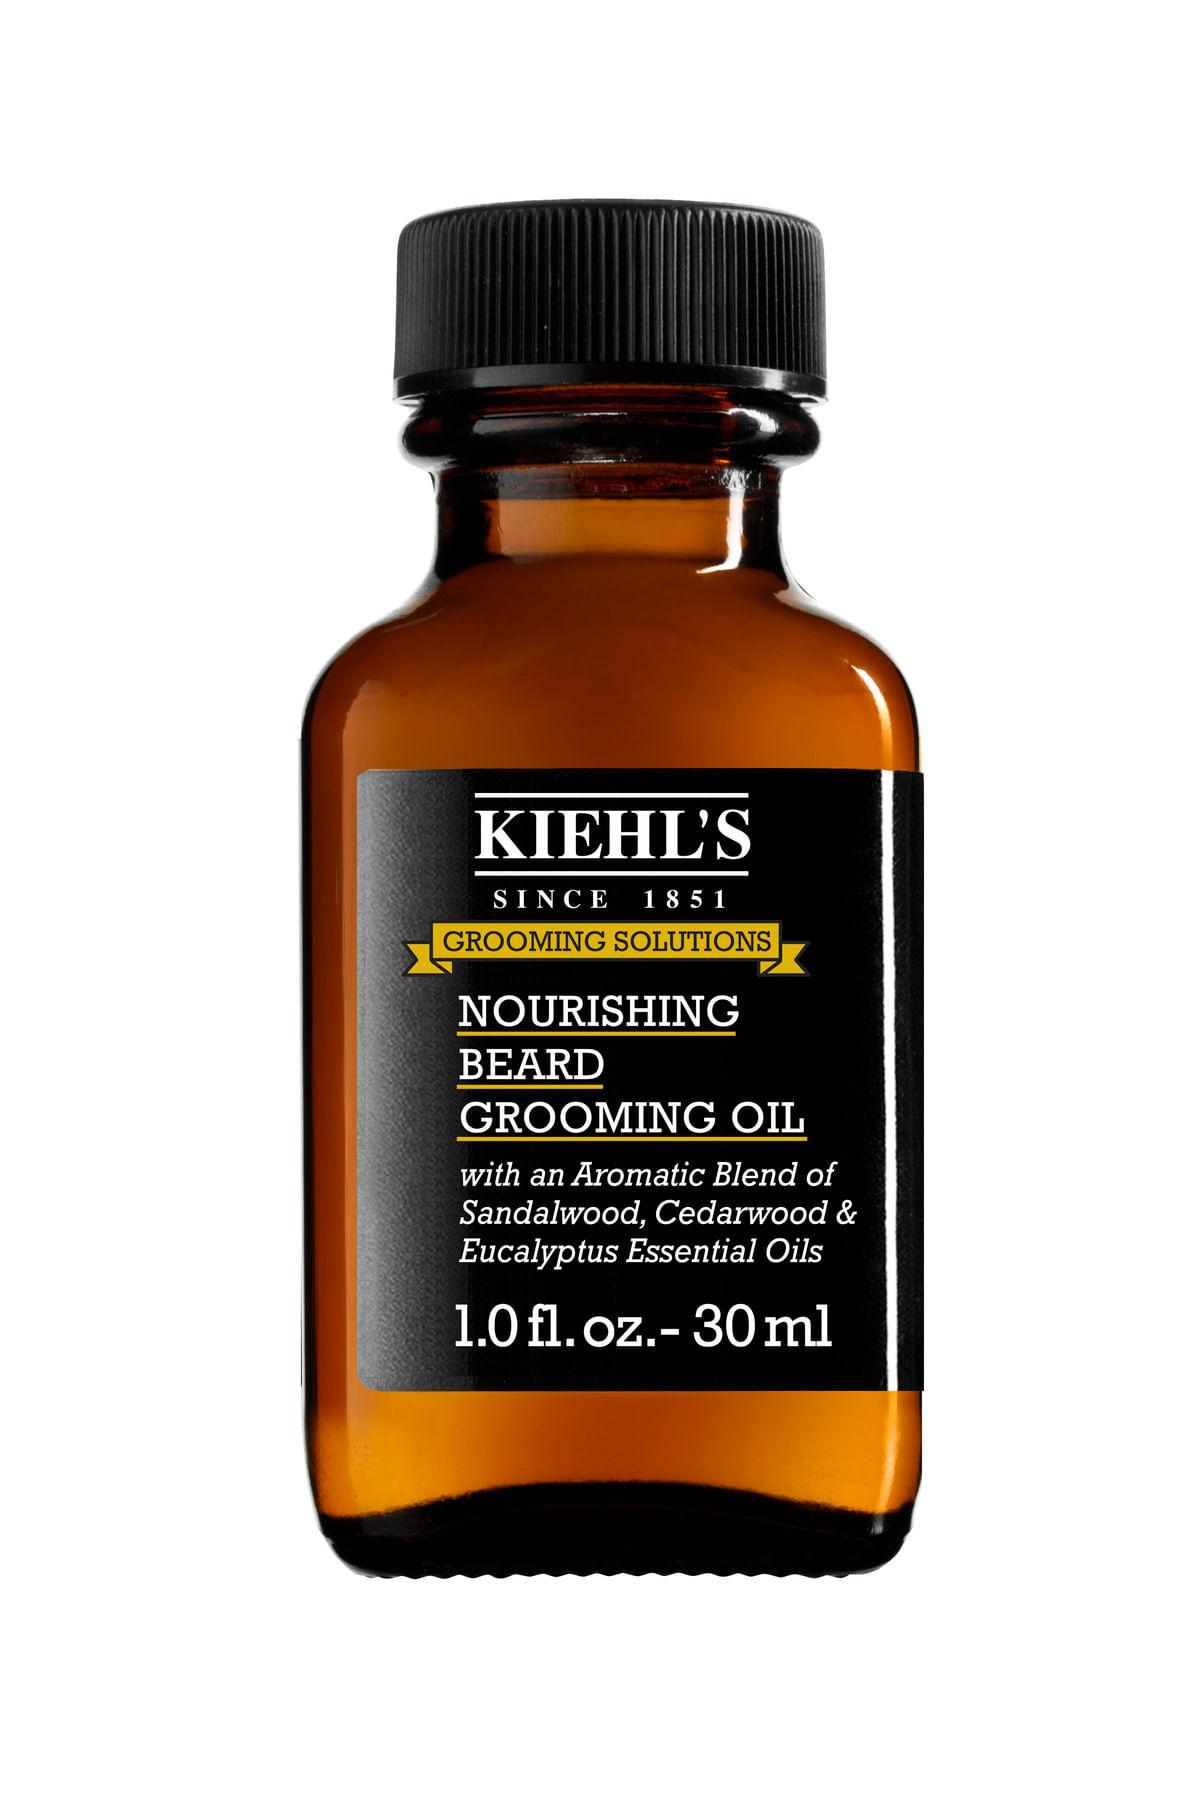 Aceite Nutritivo Para Barba Nourishing Beard Grooming 30 ml